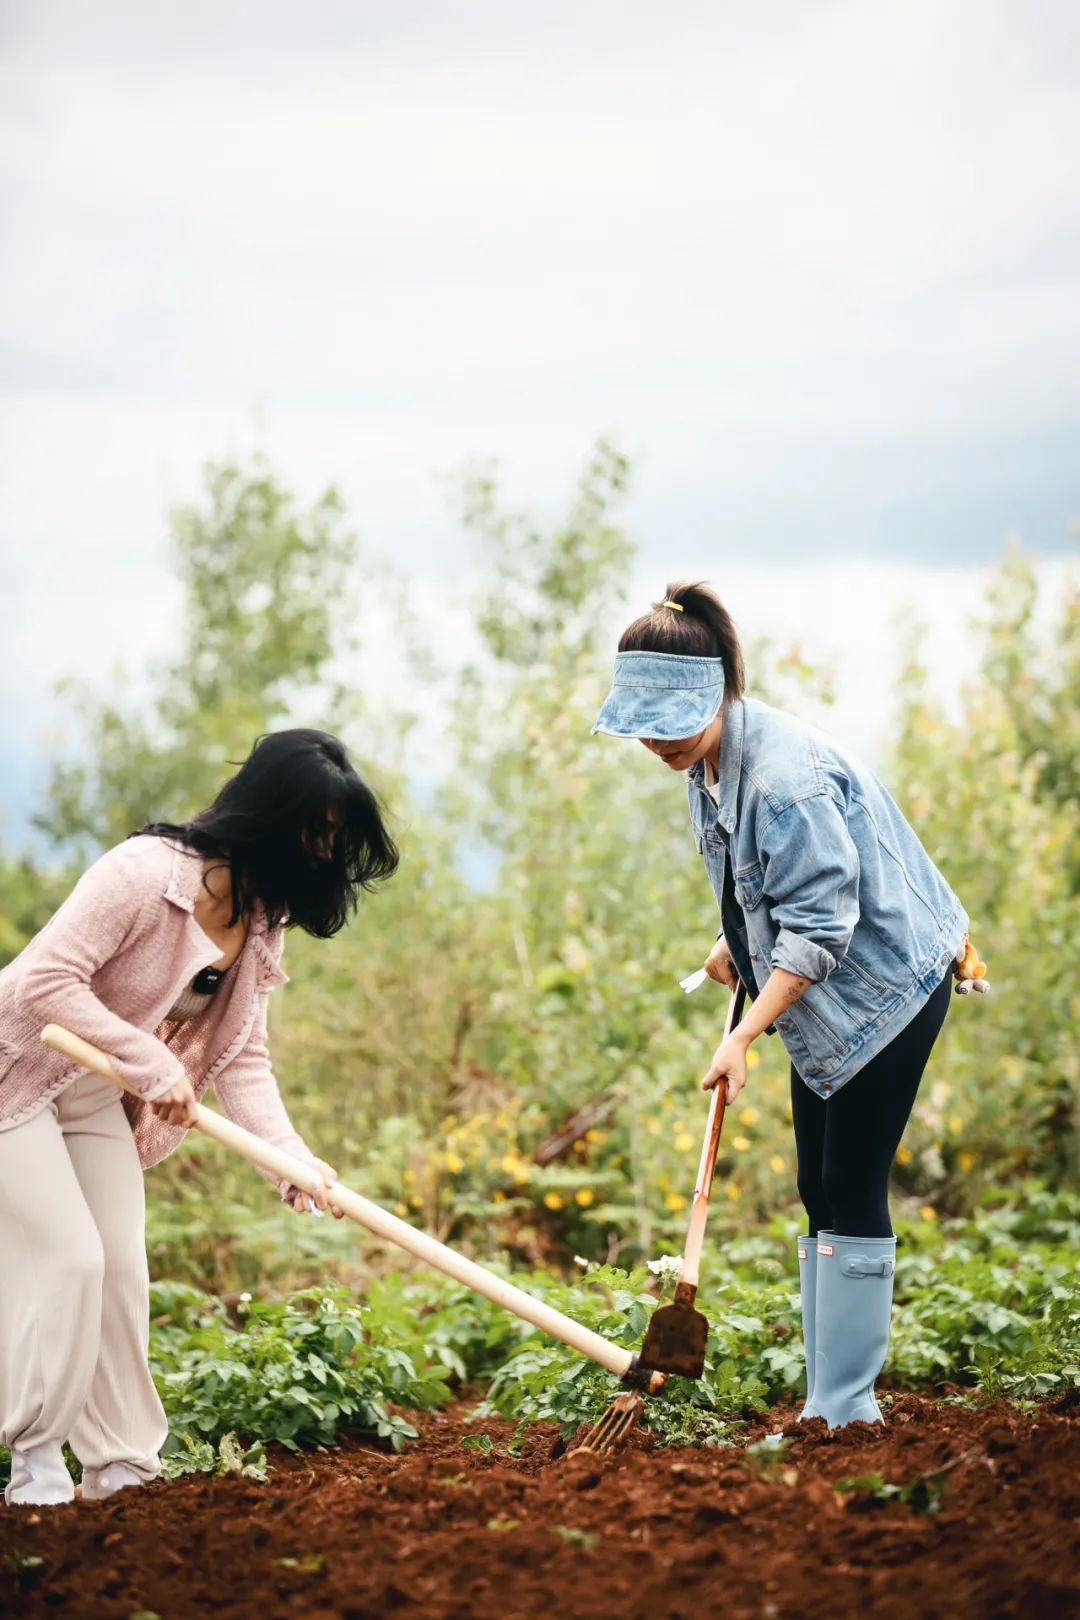 究竟是什么宝藏藜麦,引得来自各行各业的女性创造者们纷纷助力?